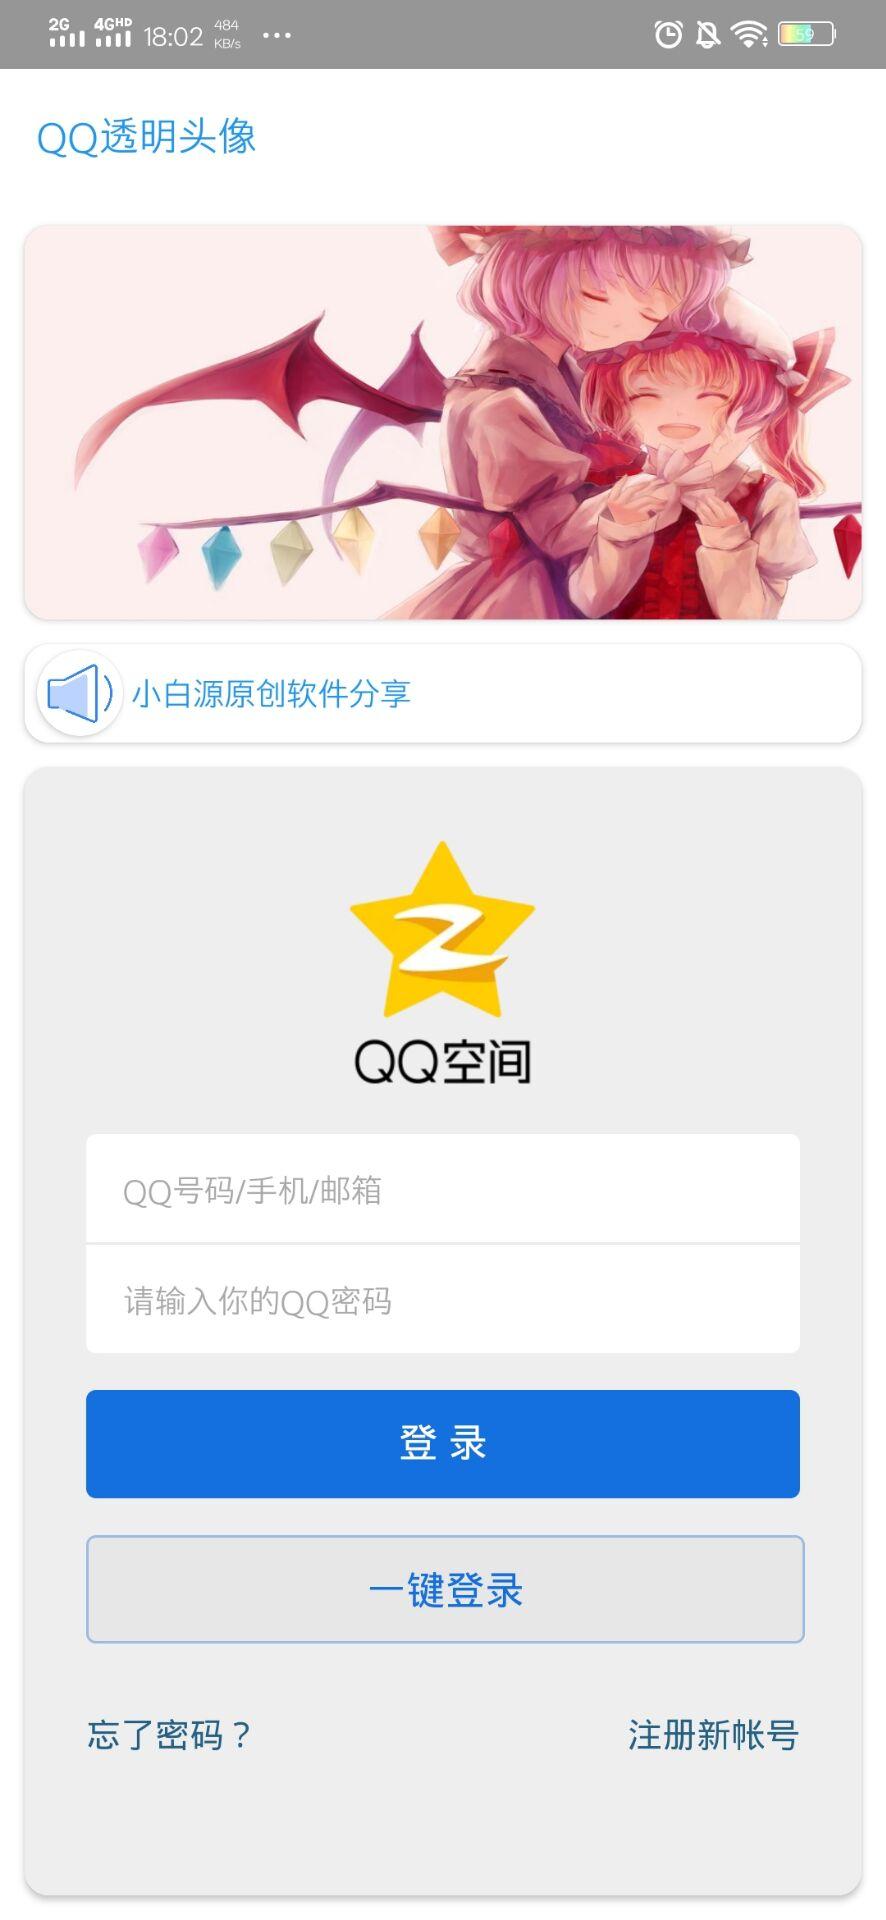 【分享】小白 QQ透明头像 去除麻烦步骤